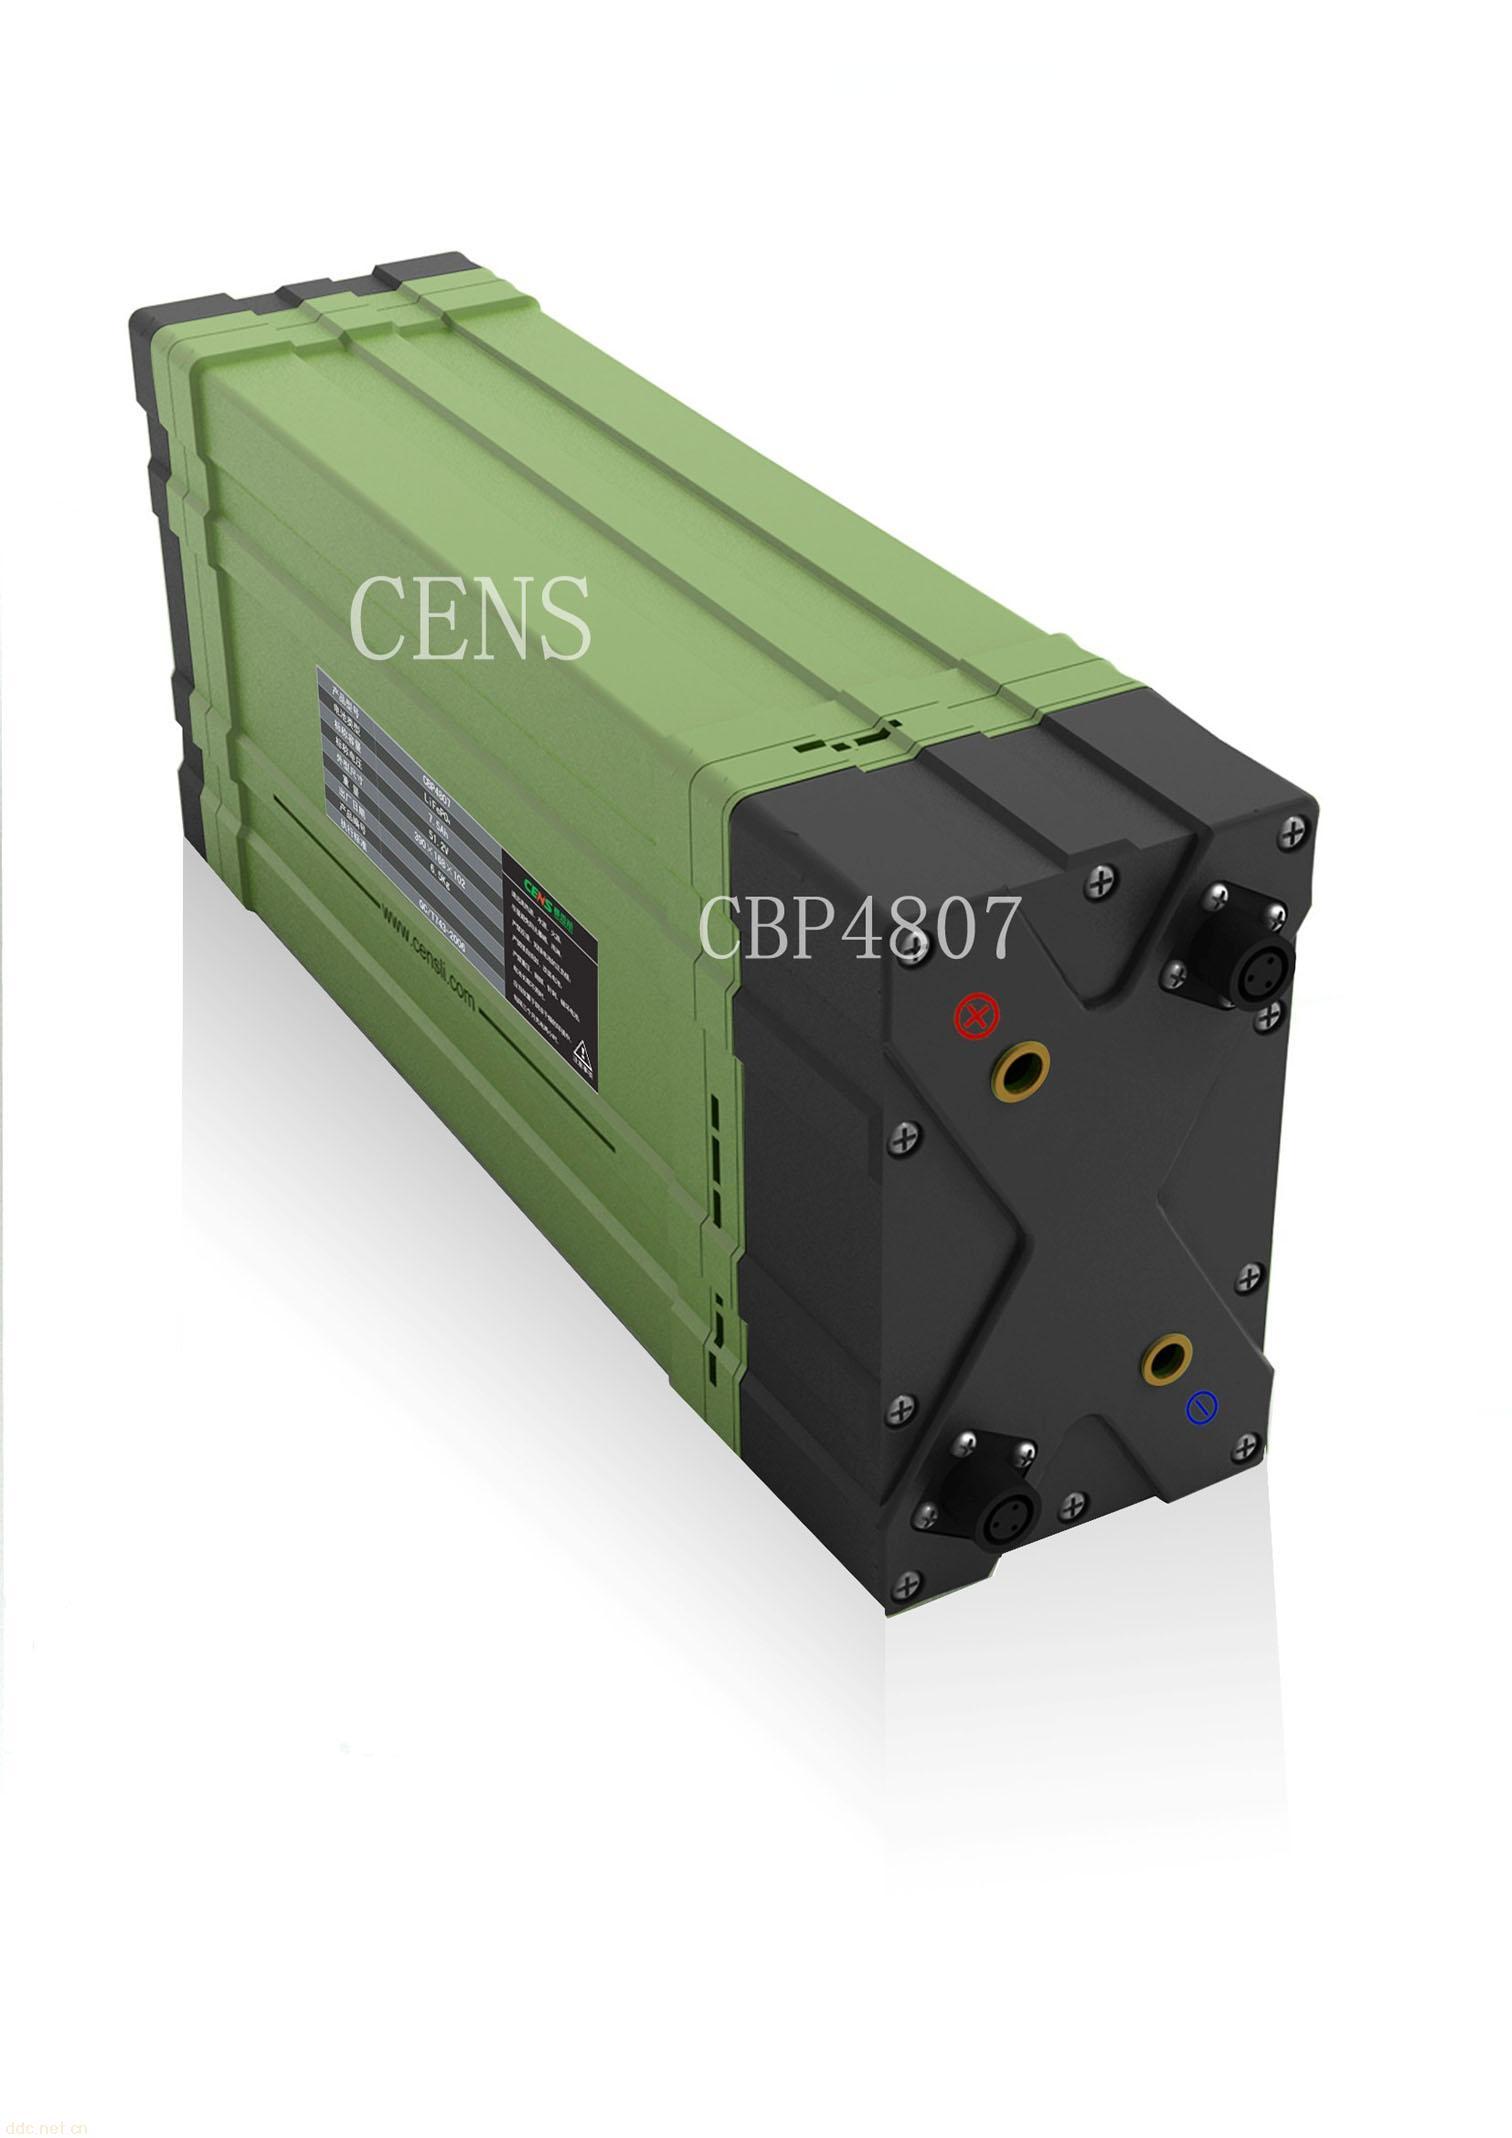 供应超高功率型CBP4807磷酸铁动力电池模块